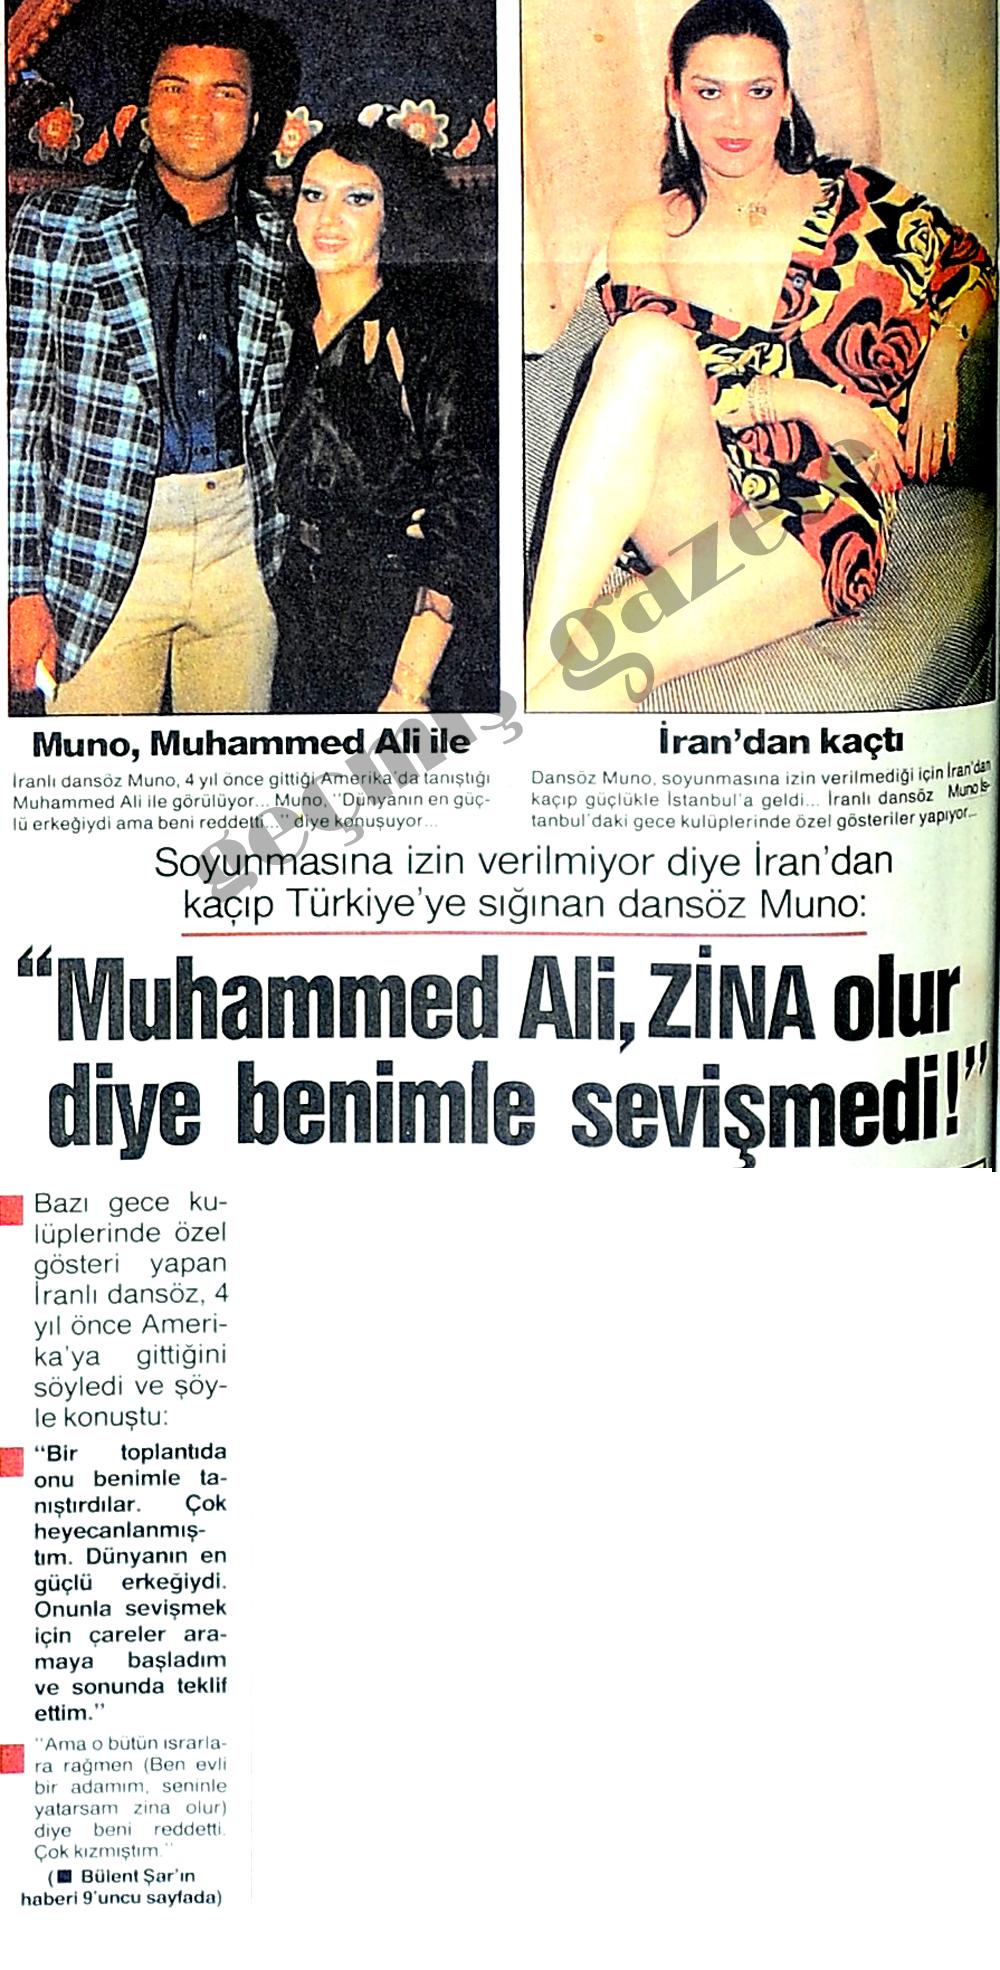 Muhammed Ali, zina olur diye benimle sevişmedi